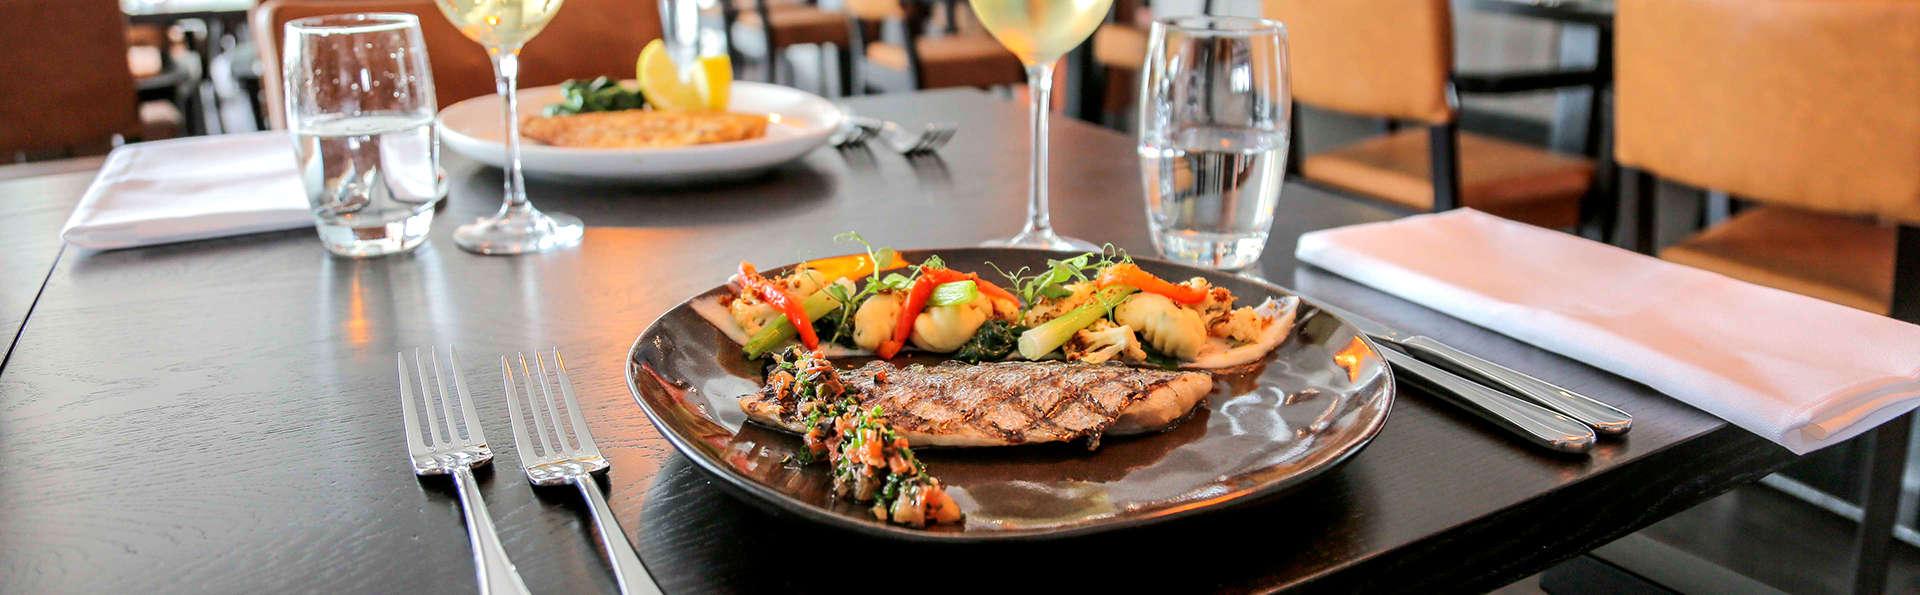 Plaisir culinaires près de la Haye